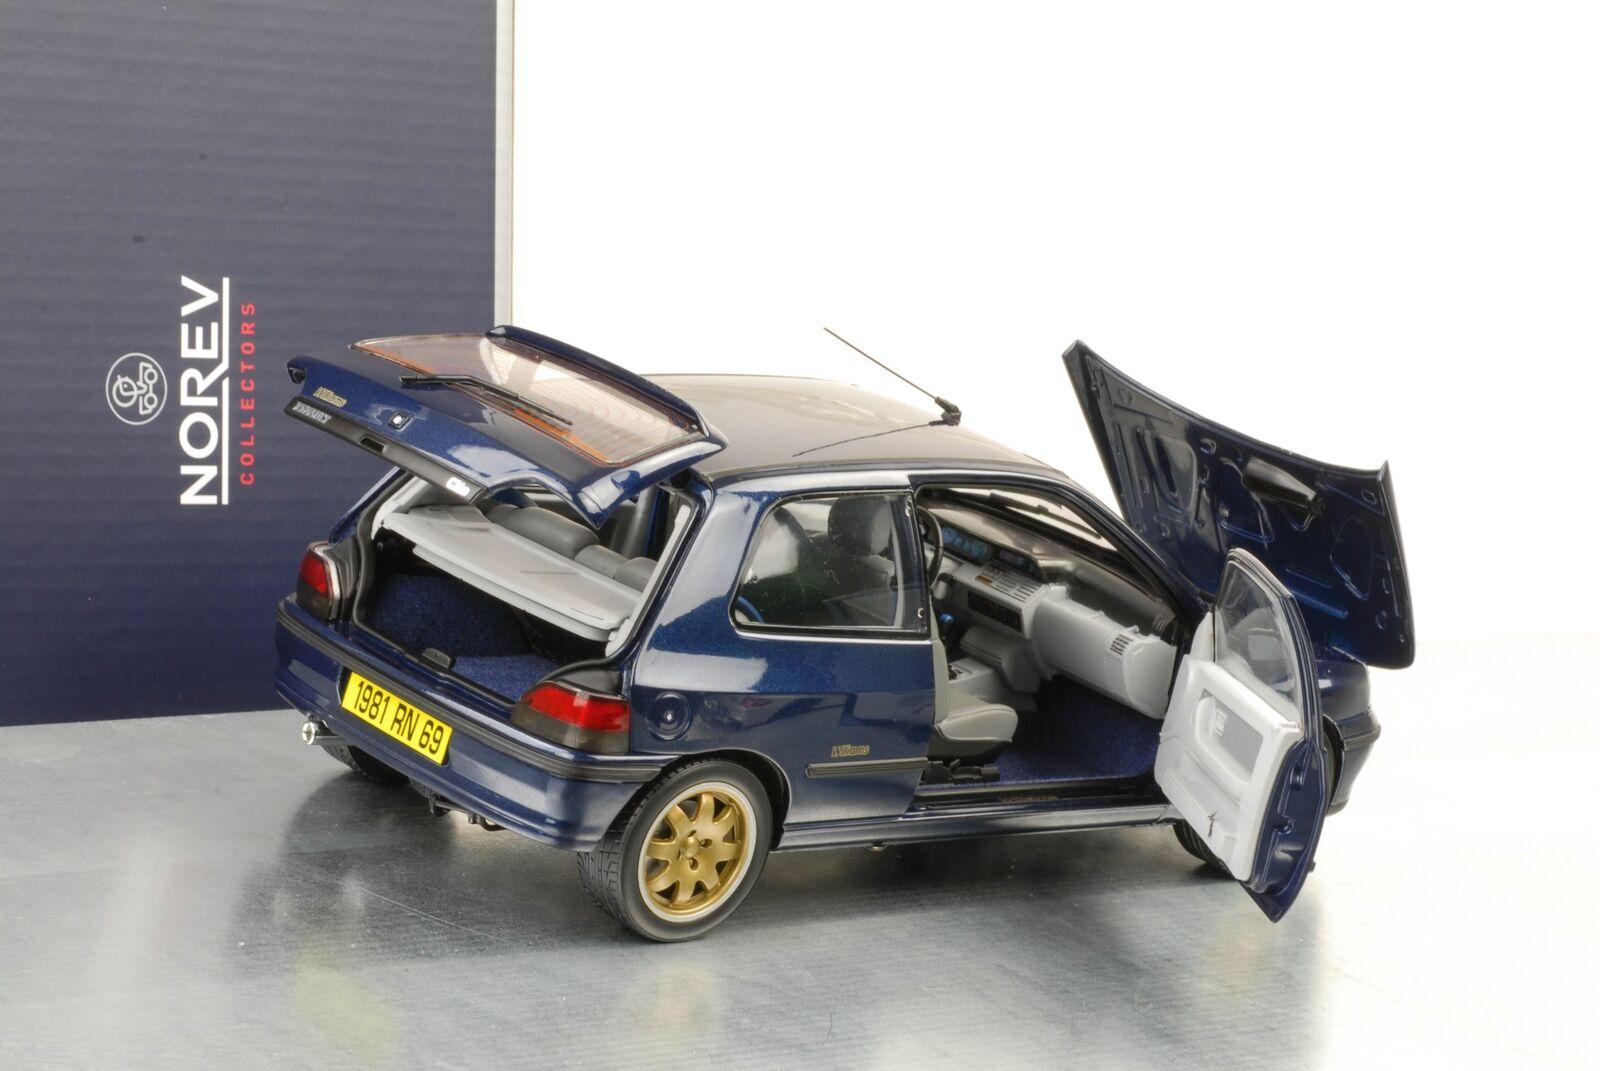 1994 Renault Clio Williams fase i Blu Mettuttiizzato modellololo di auto 1 18 NOREV 185230